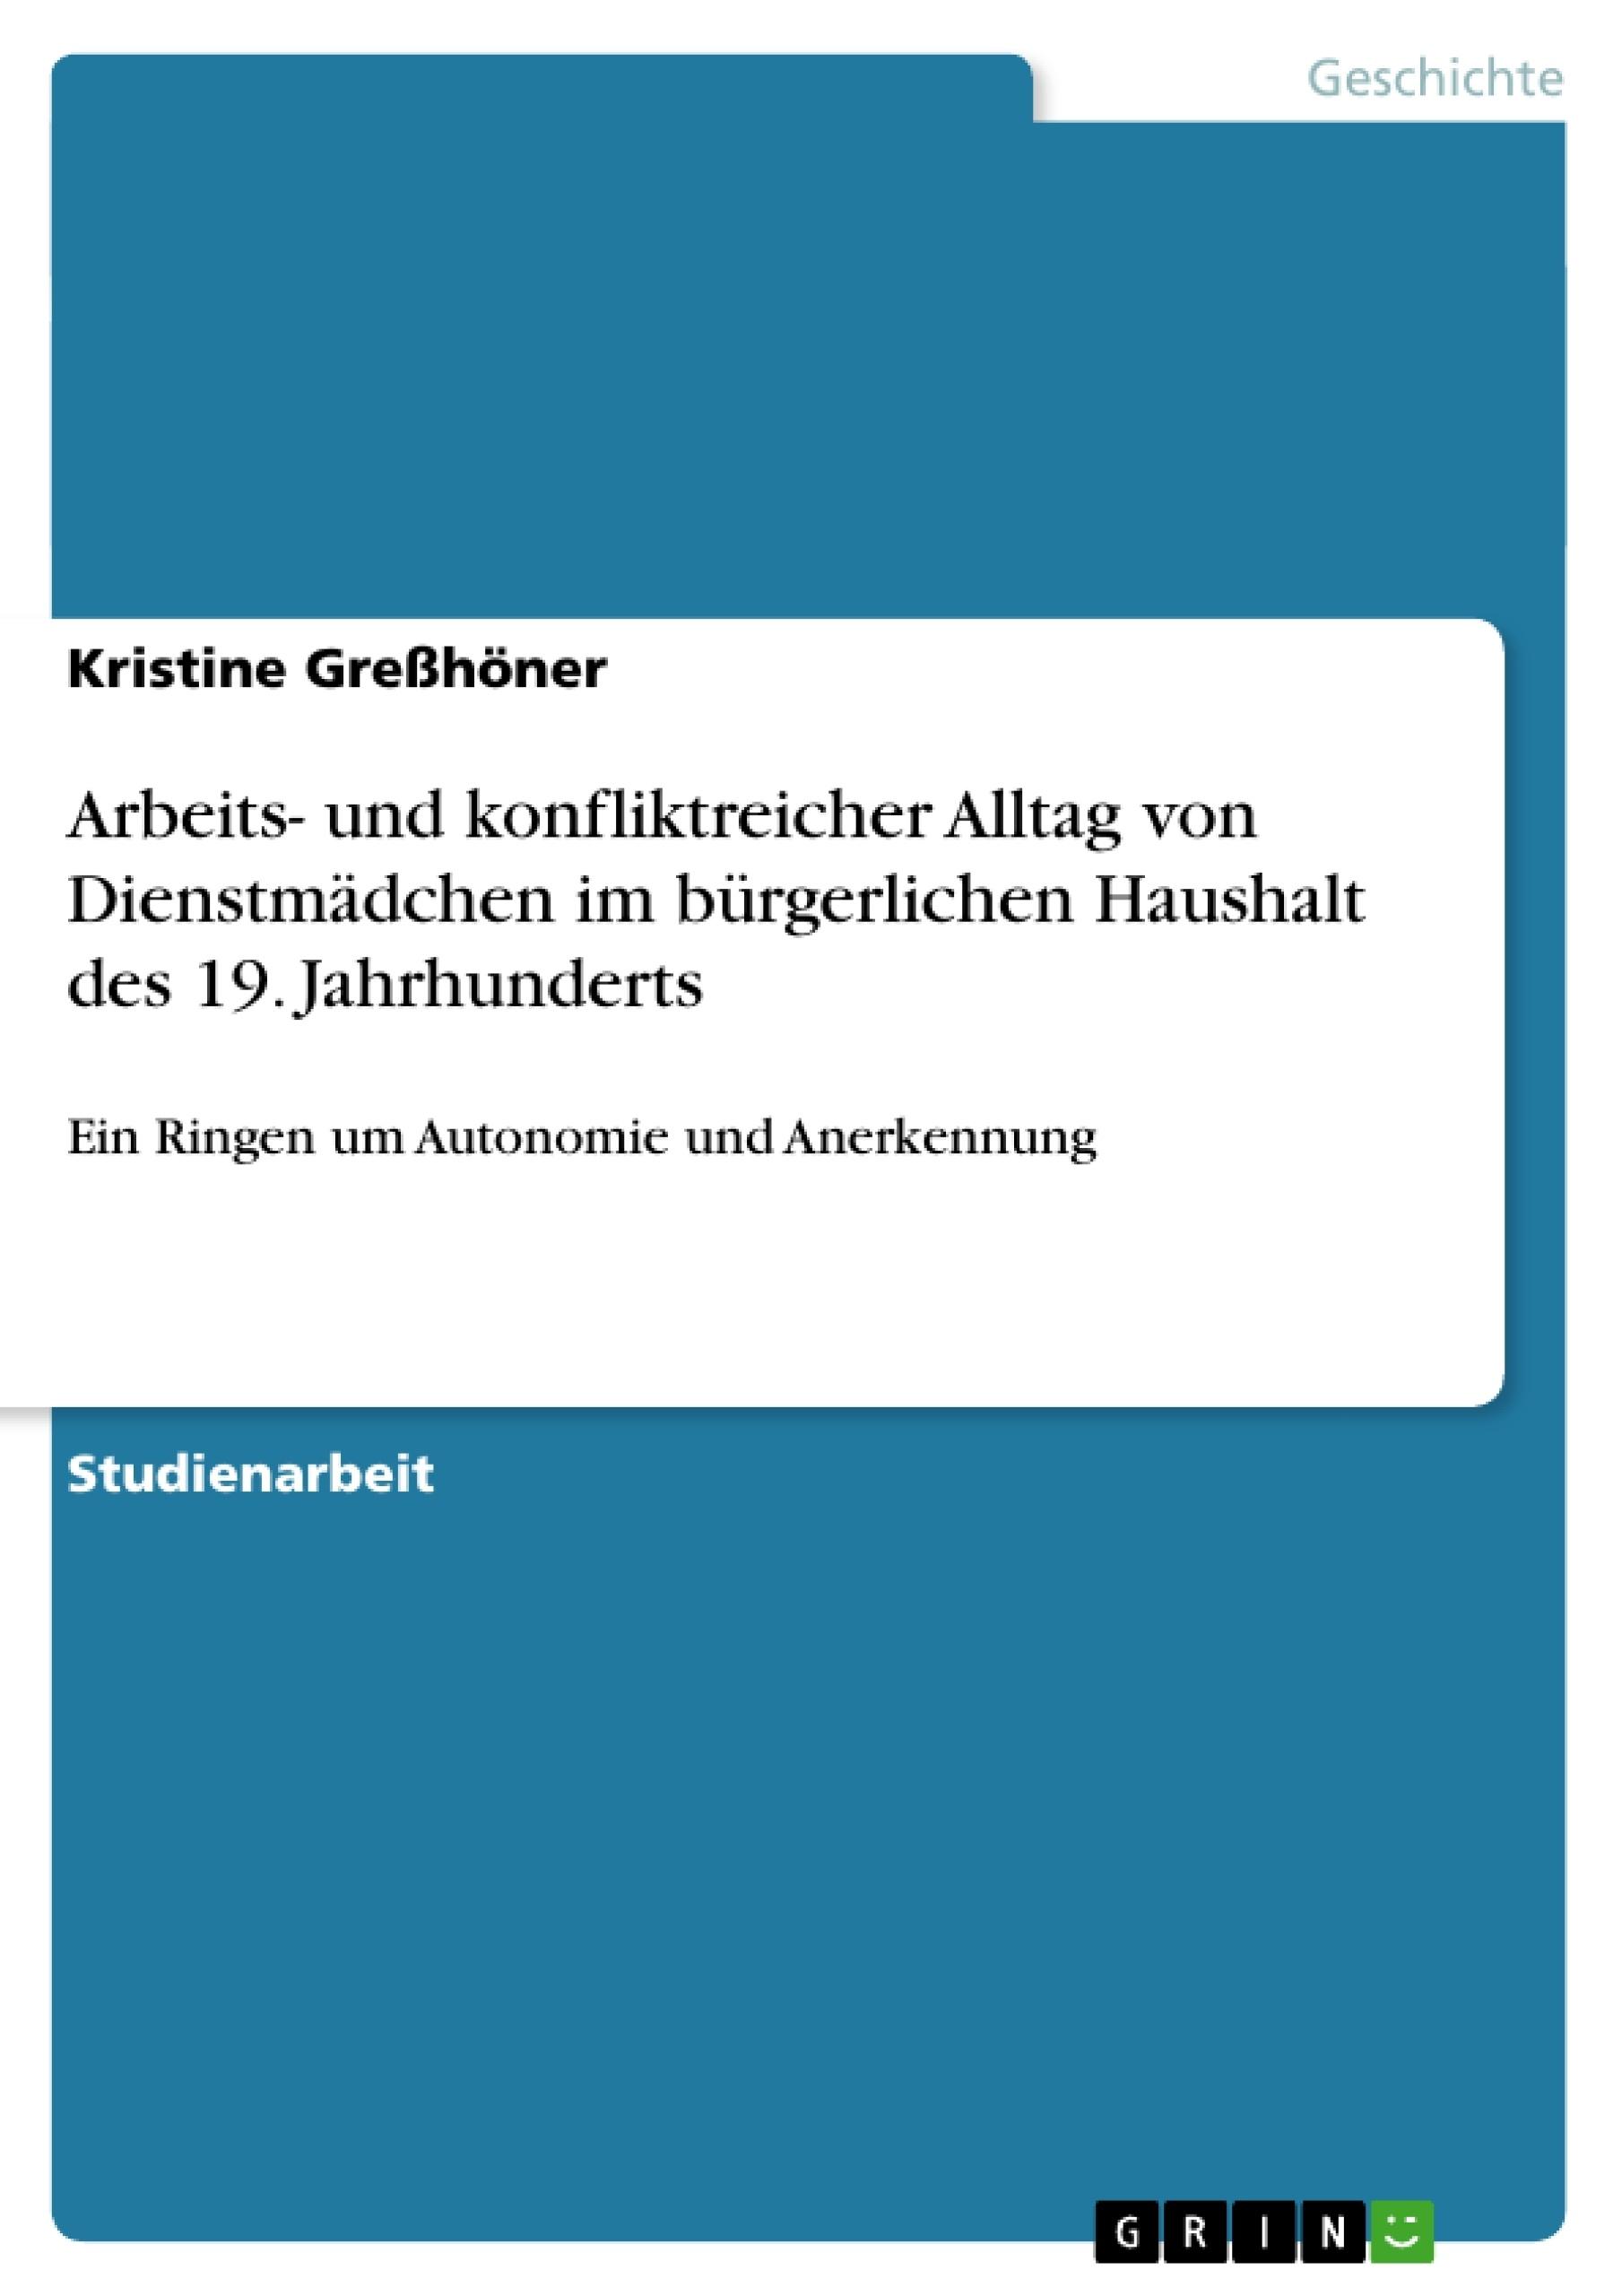 Titel: Arbeits- und konfliktreicher Alltag von Dienstmädchen im bürgerlichen Haushalt des 19. Jahrhunderts